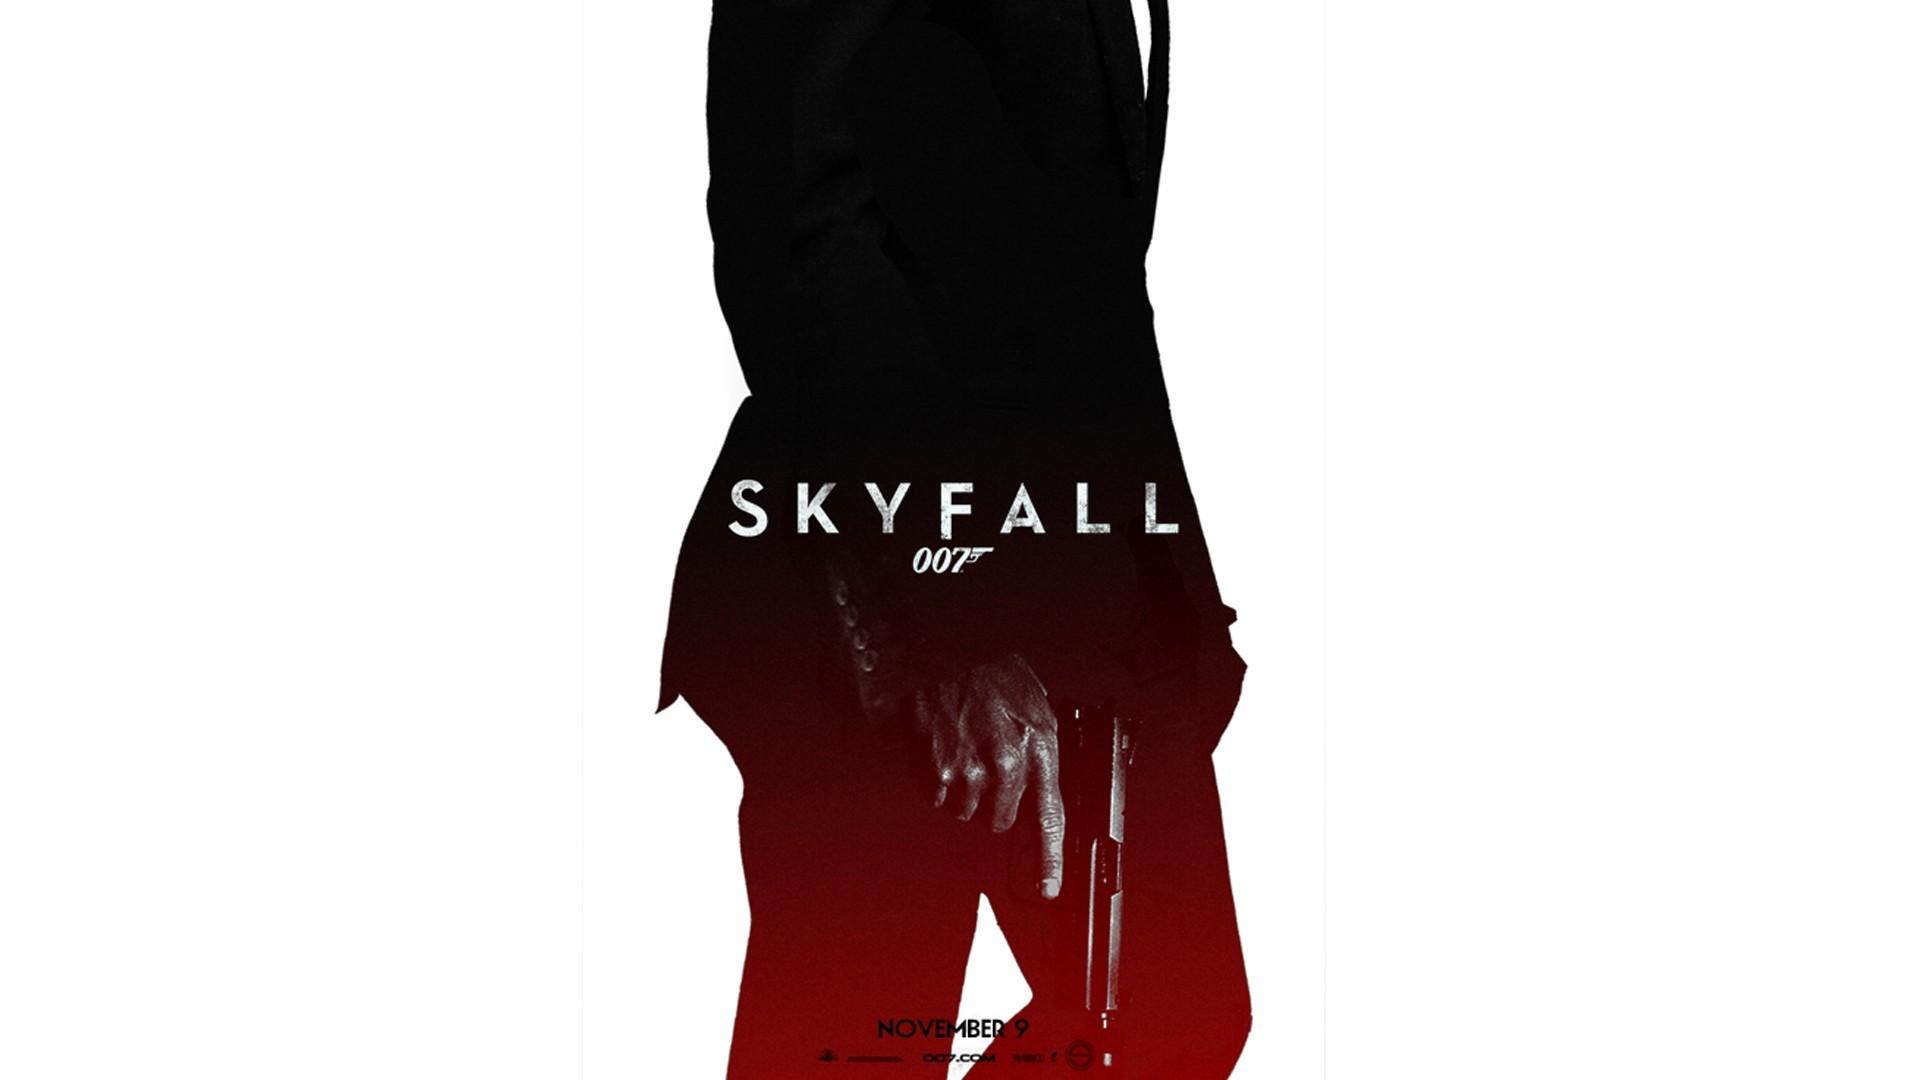 Заставка к фильму координаты скайфолл 4